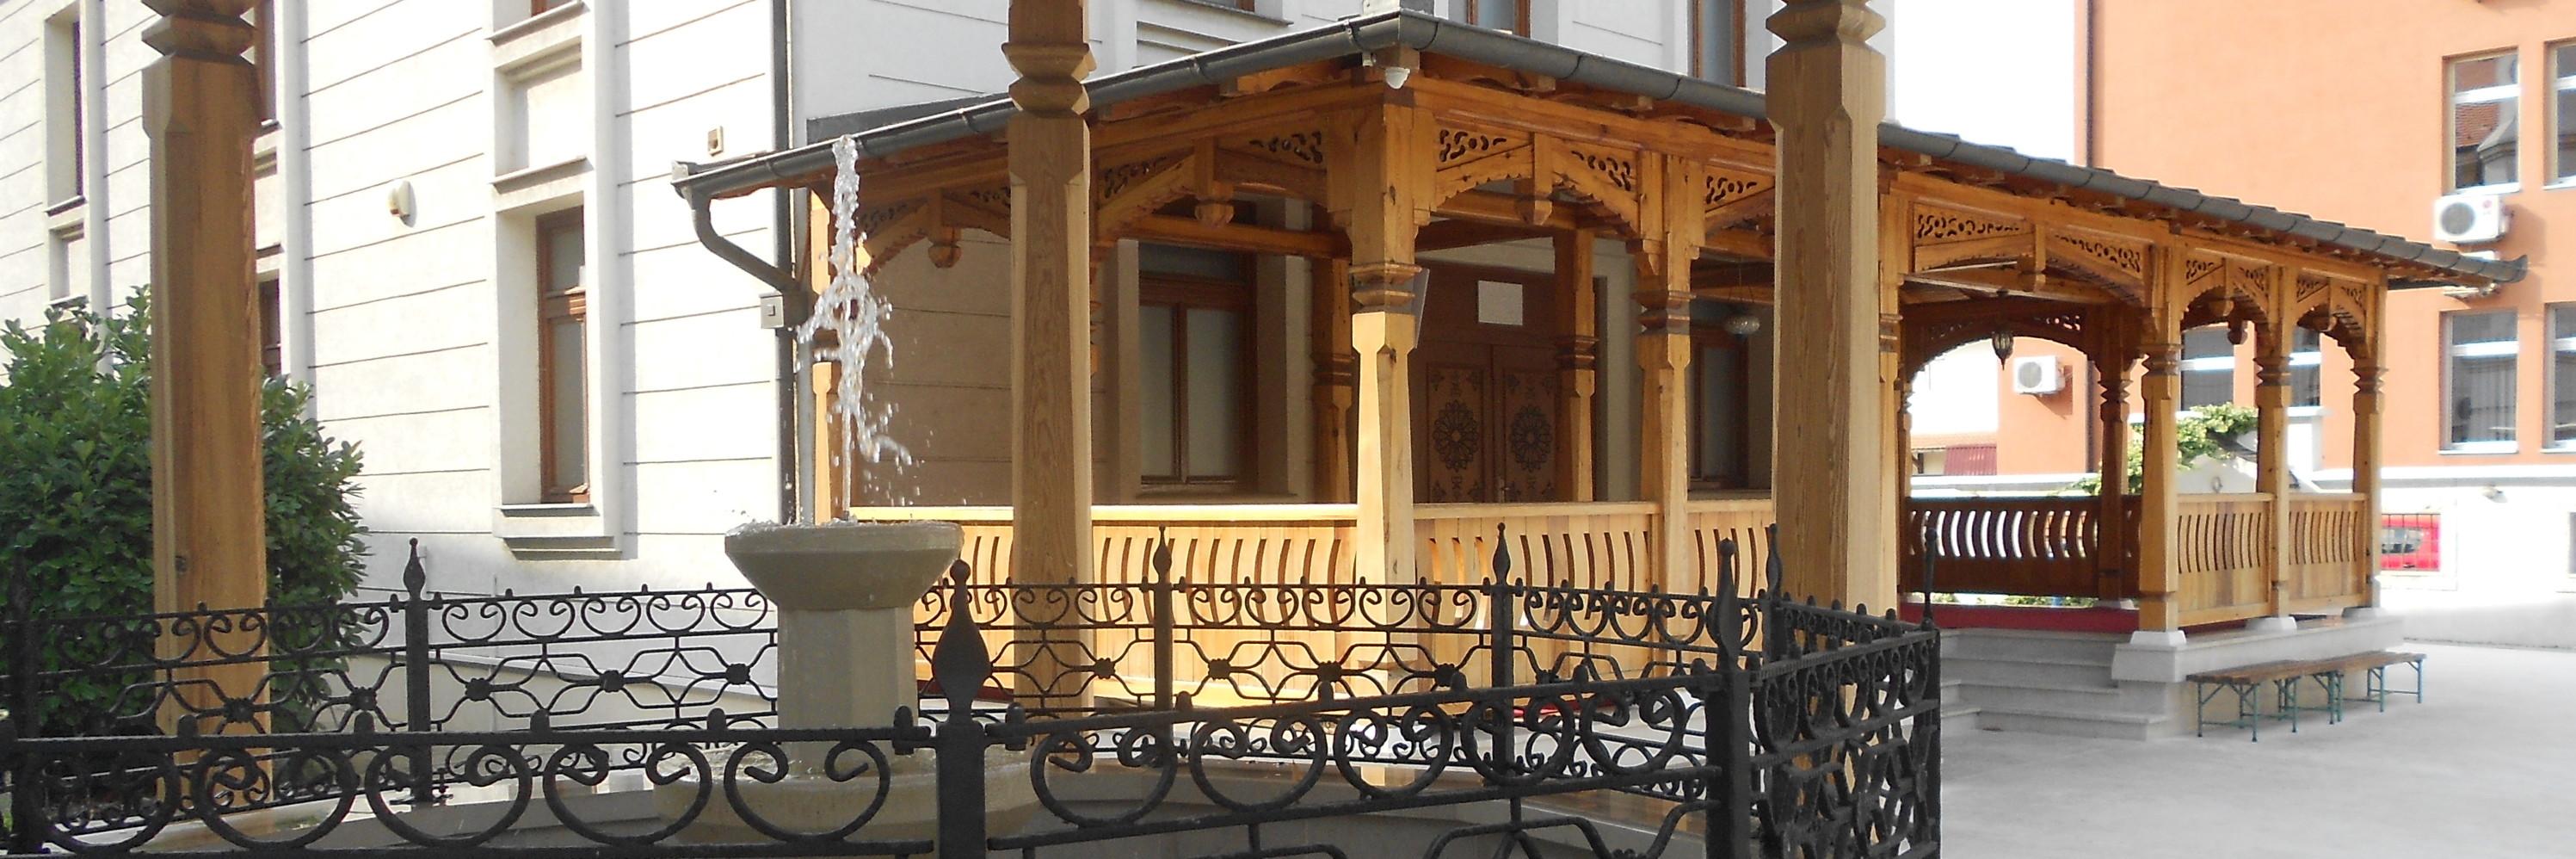 Мечеть Атик в Биелине